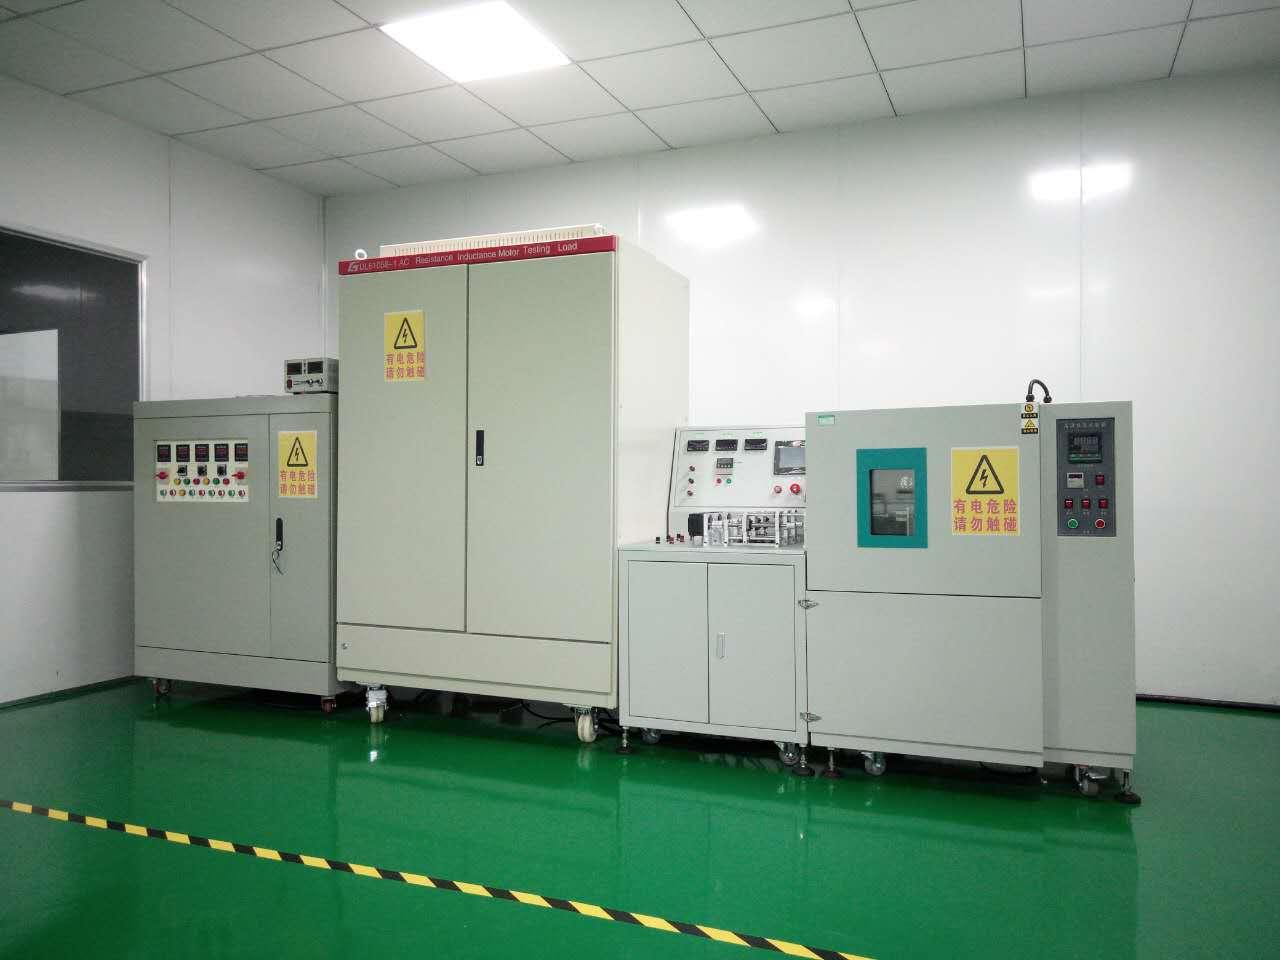 港源电子AC事业部微动开关、ac插座类产品实验室顺利通过UL认证